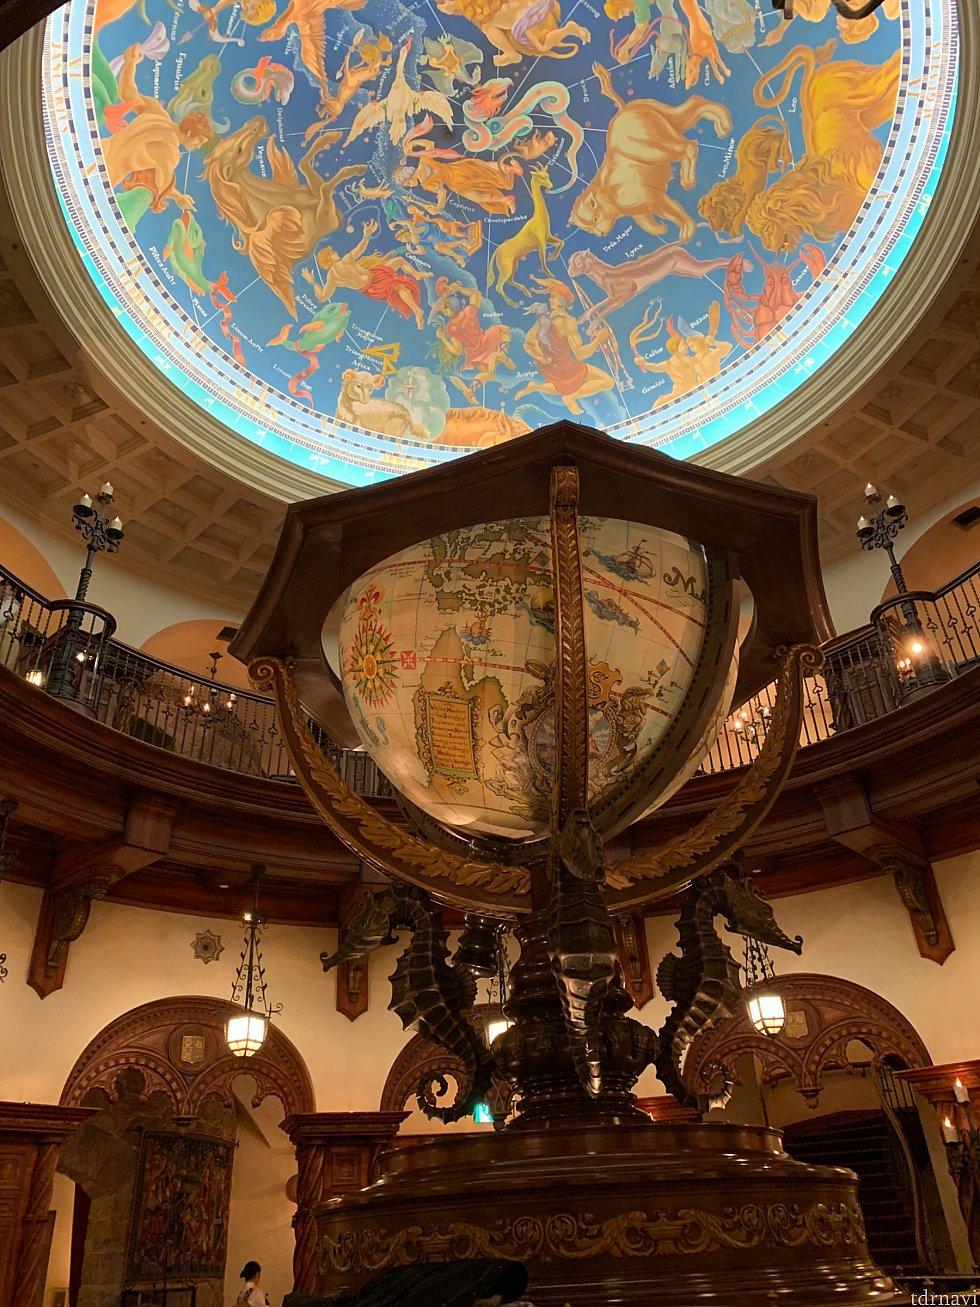 マゼランズの中です。 4mもある球体の部屋がメインのお部屋です。 ここ以外にも3箇所食事できるスペースがあります。